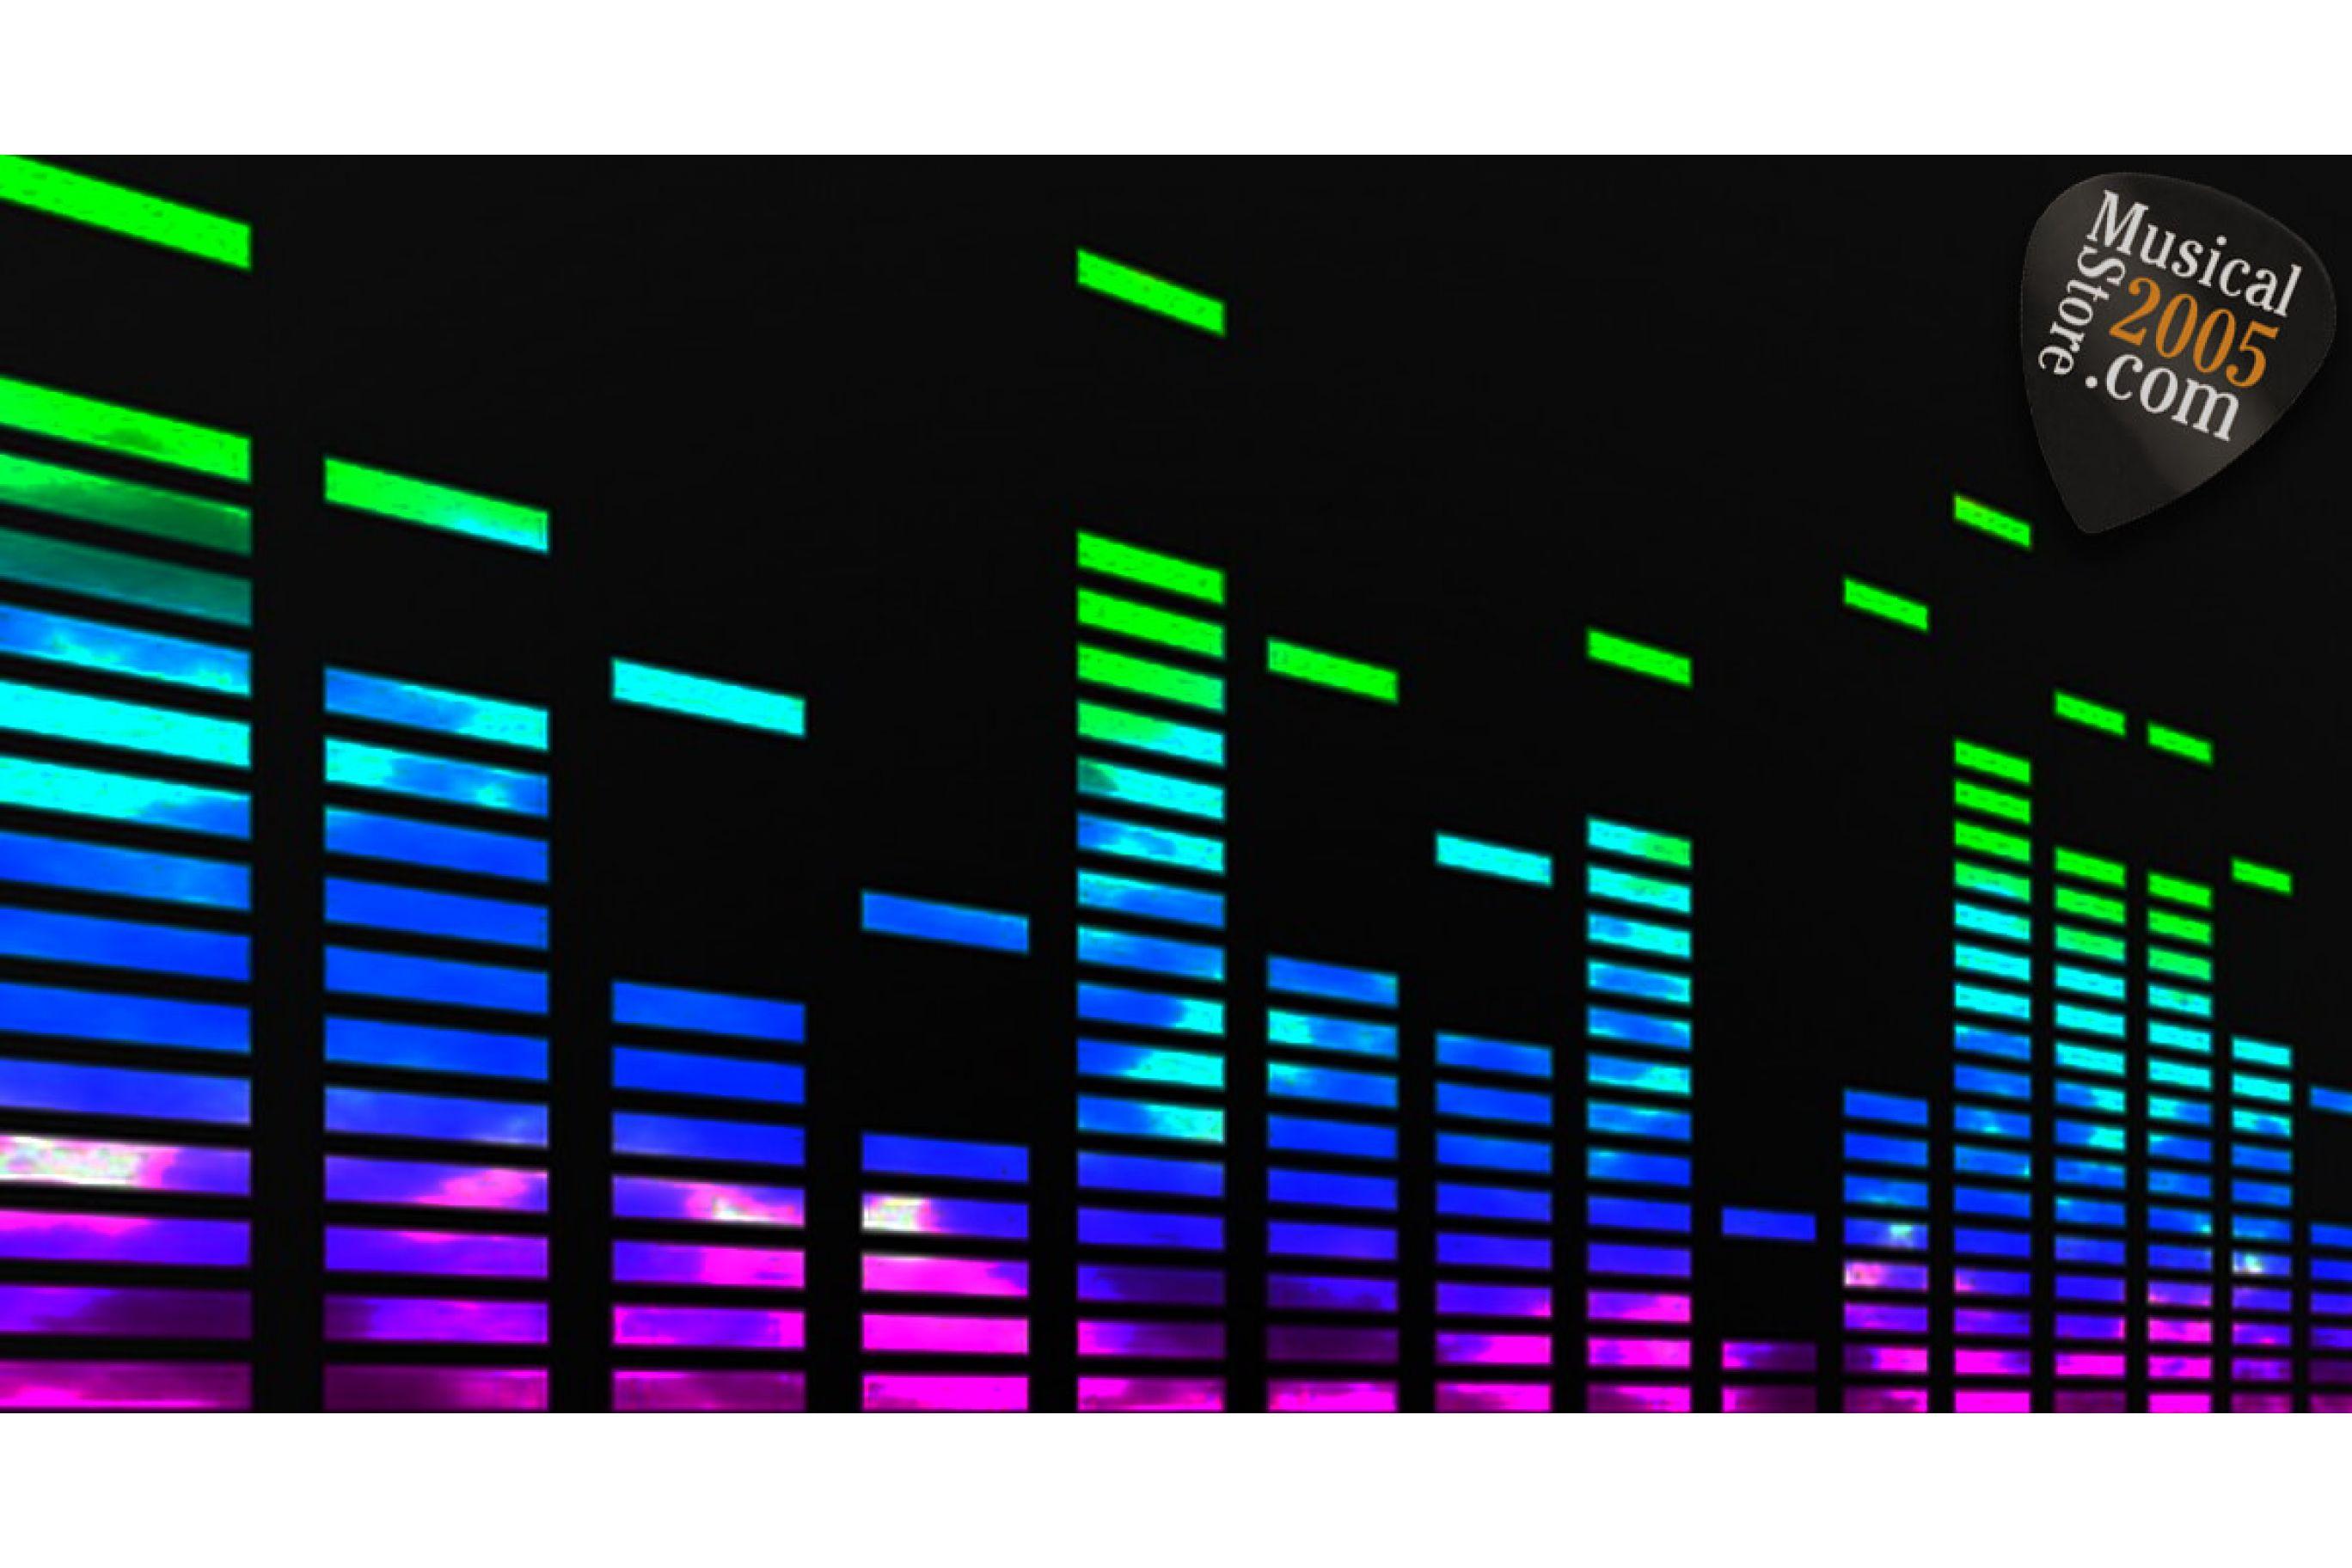 Equalizzatore: Come equalizzare gli strumenti musicali